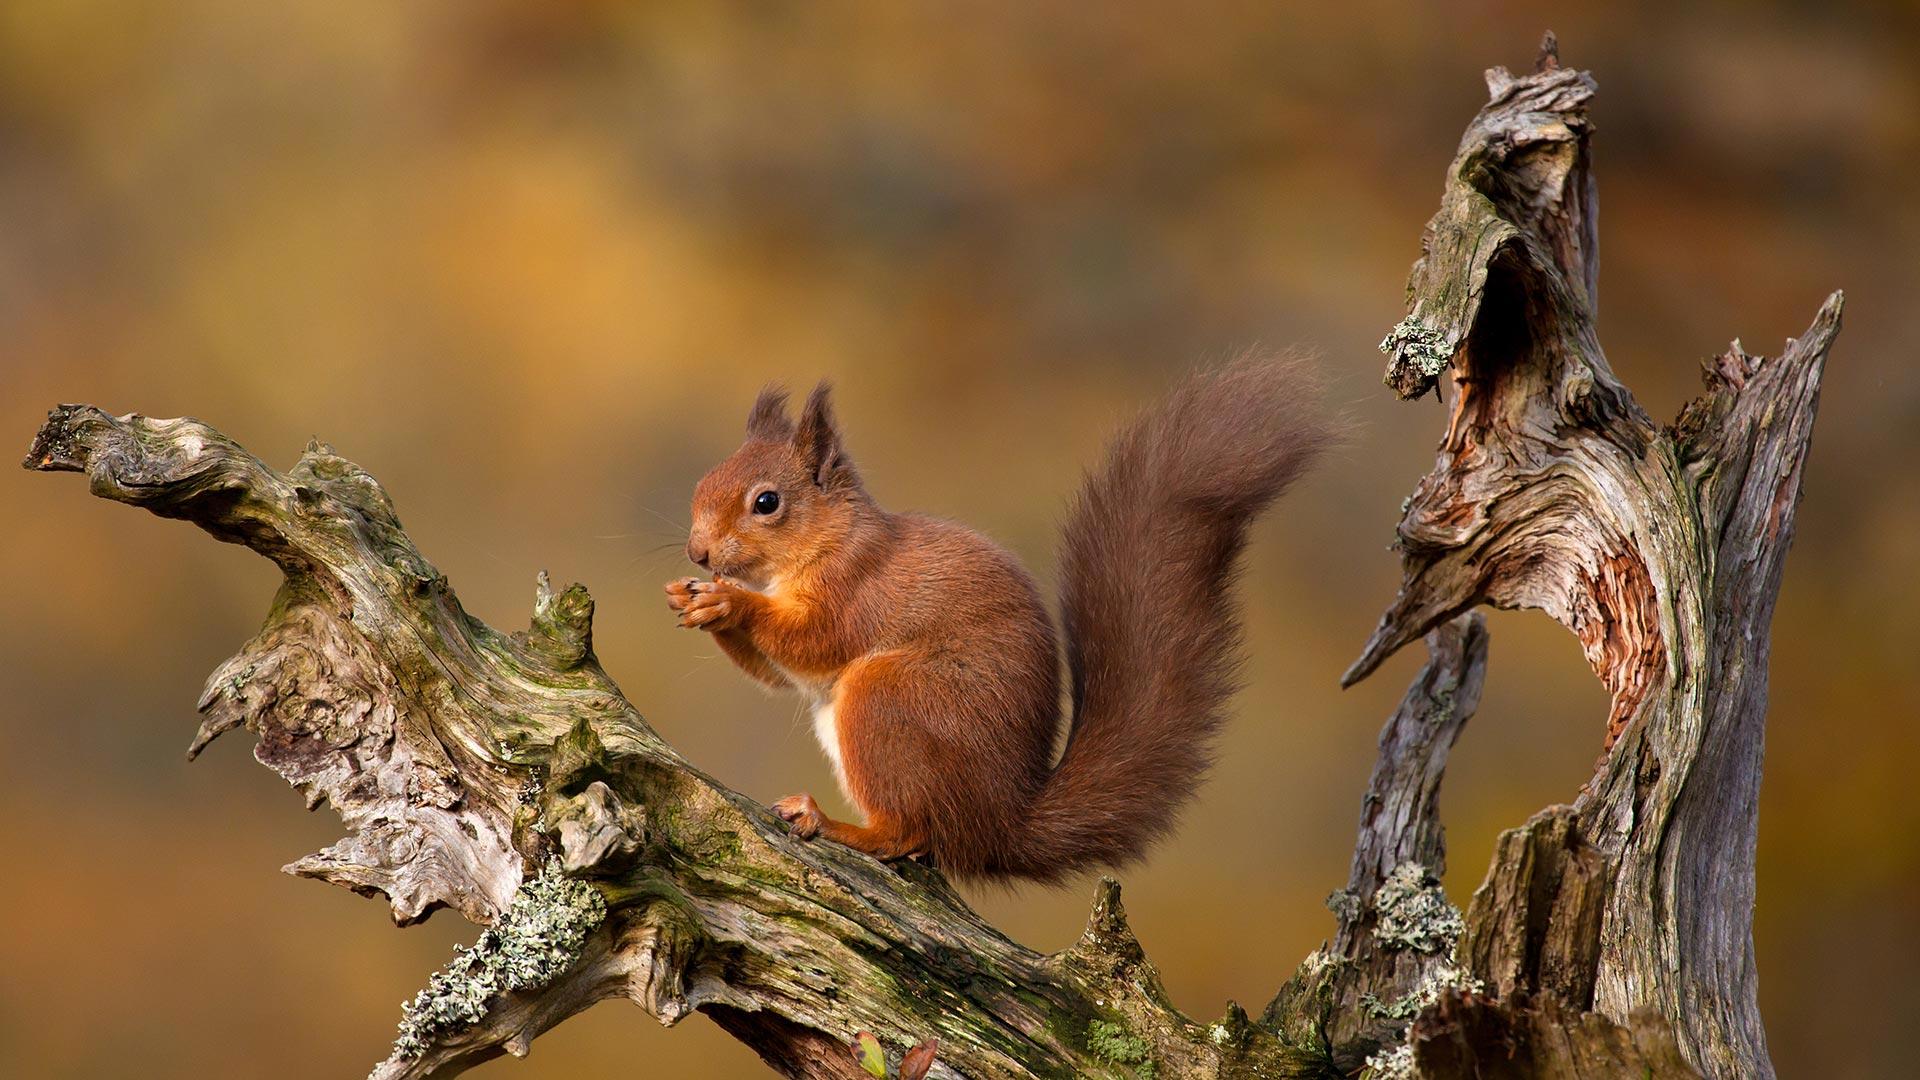 「キタリス」イギリス, スコットランド (© Images from BarbAnna/Getty Images)